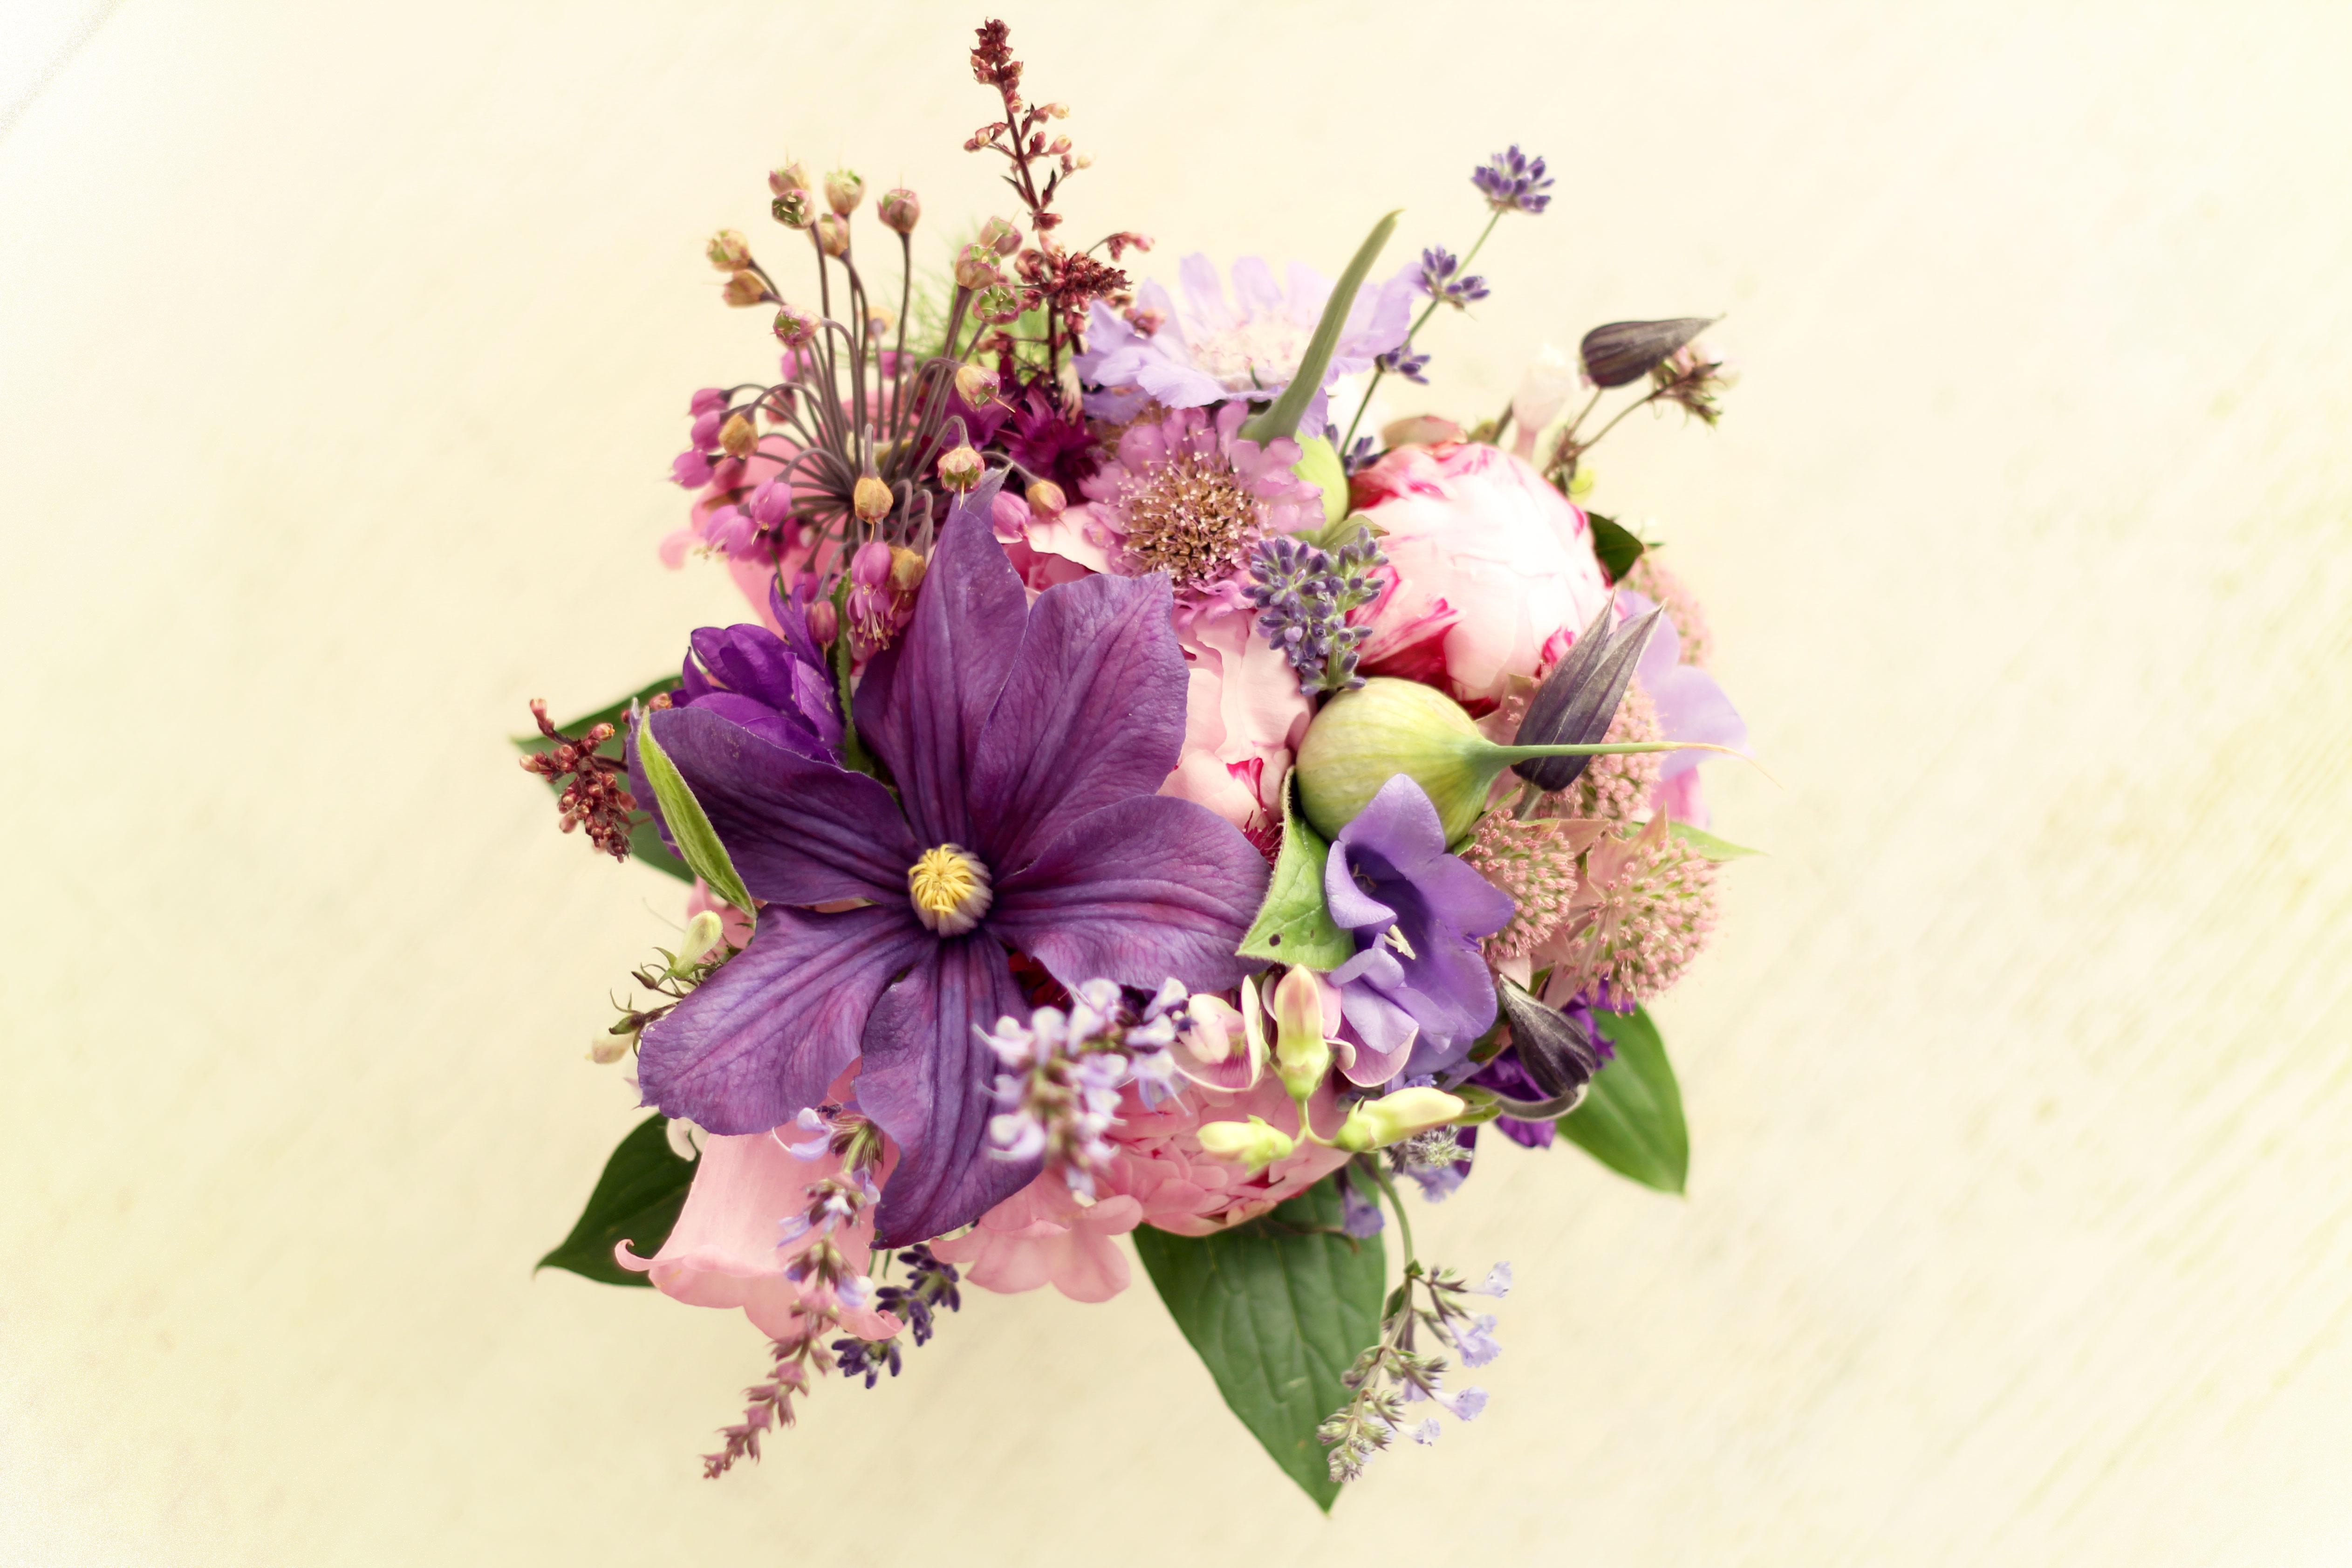 Bruidsboeket | Biologische bloemen en prachtige kleuren